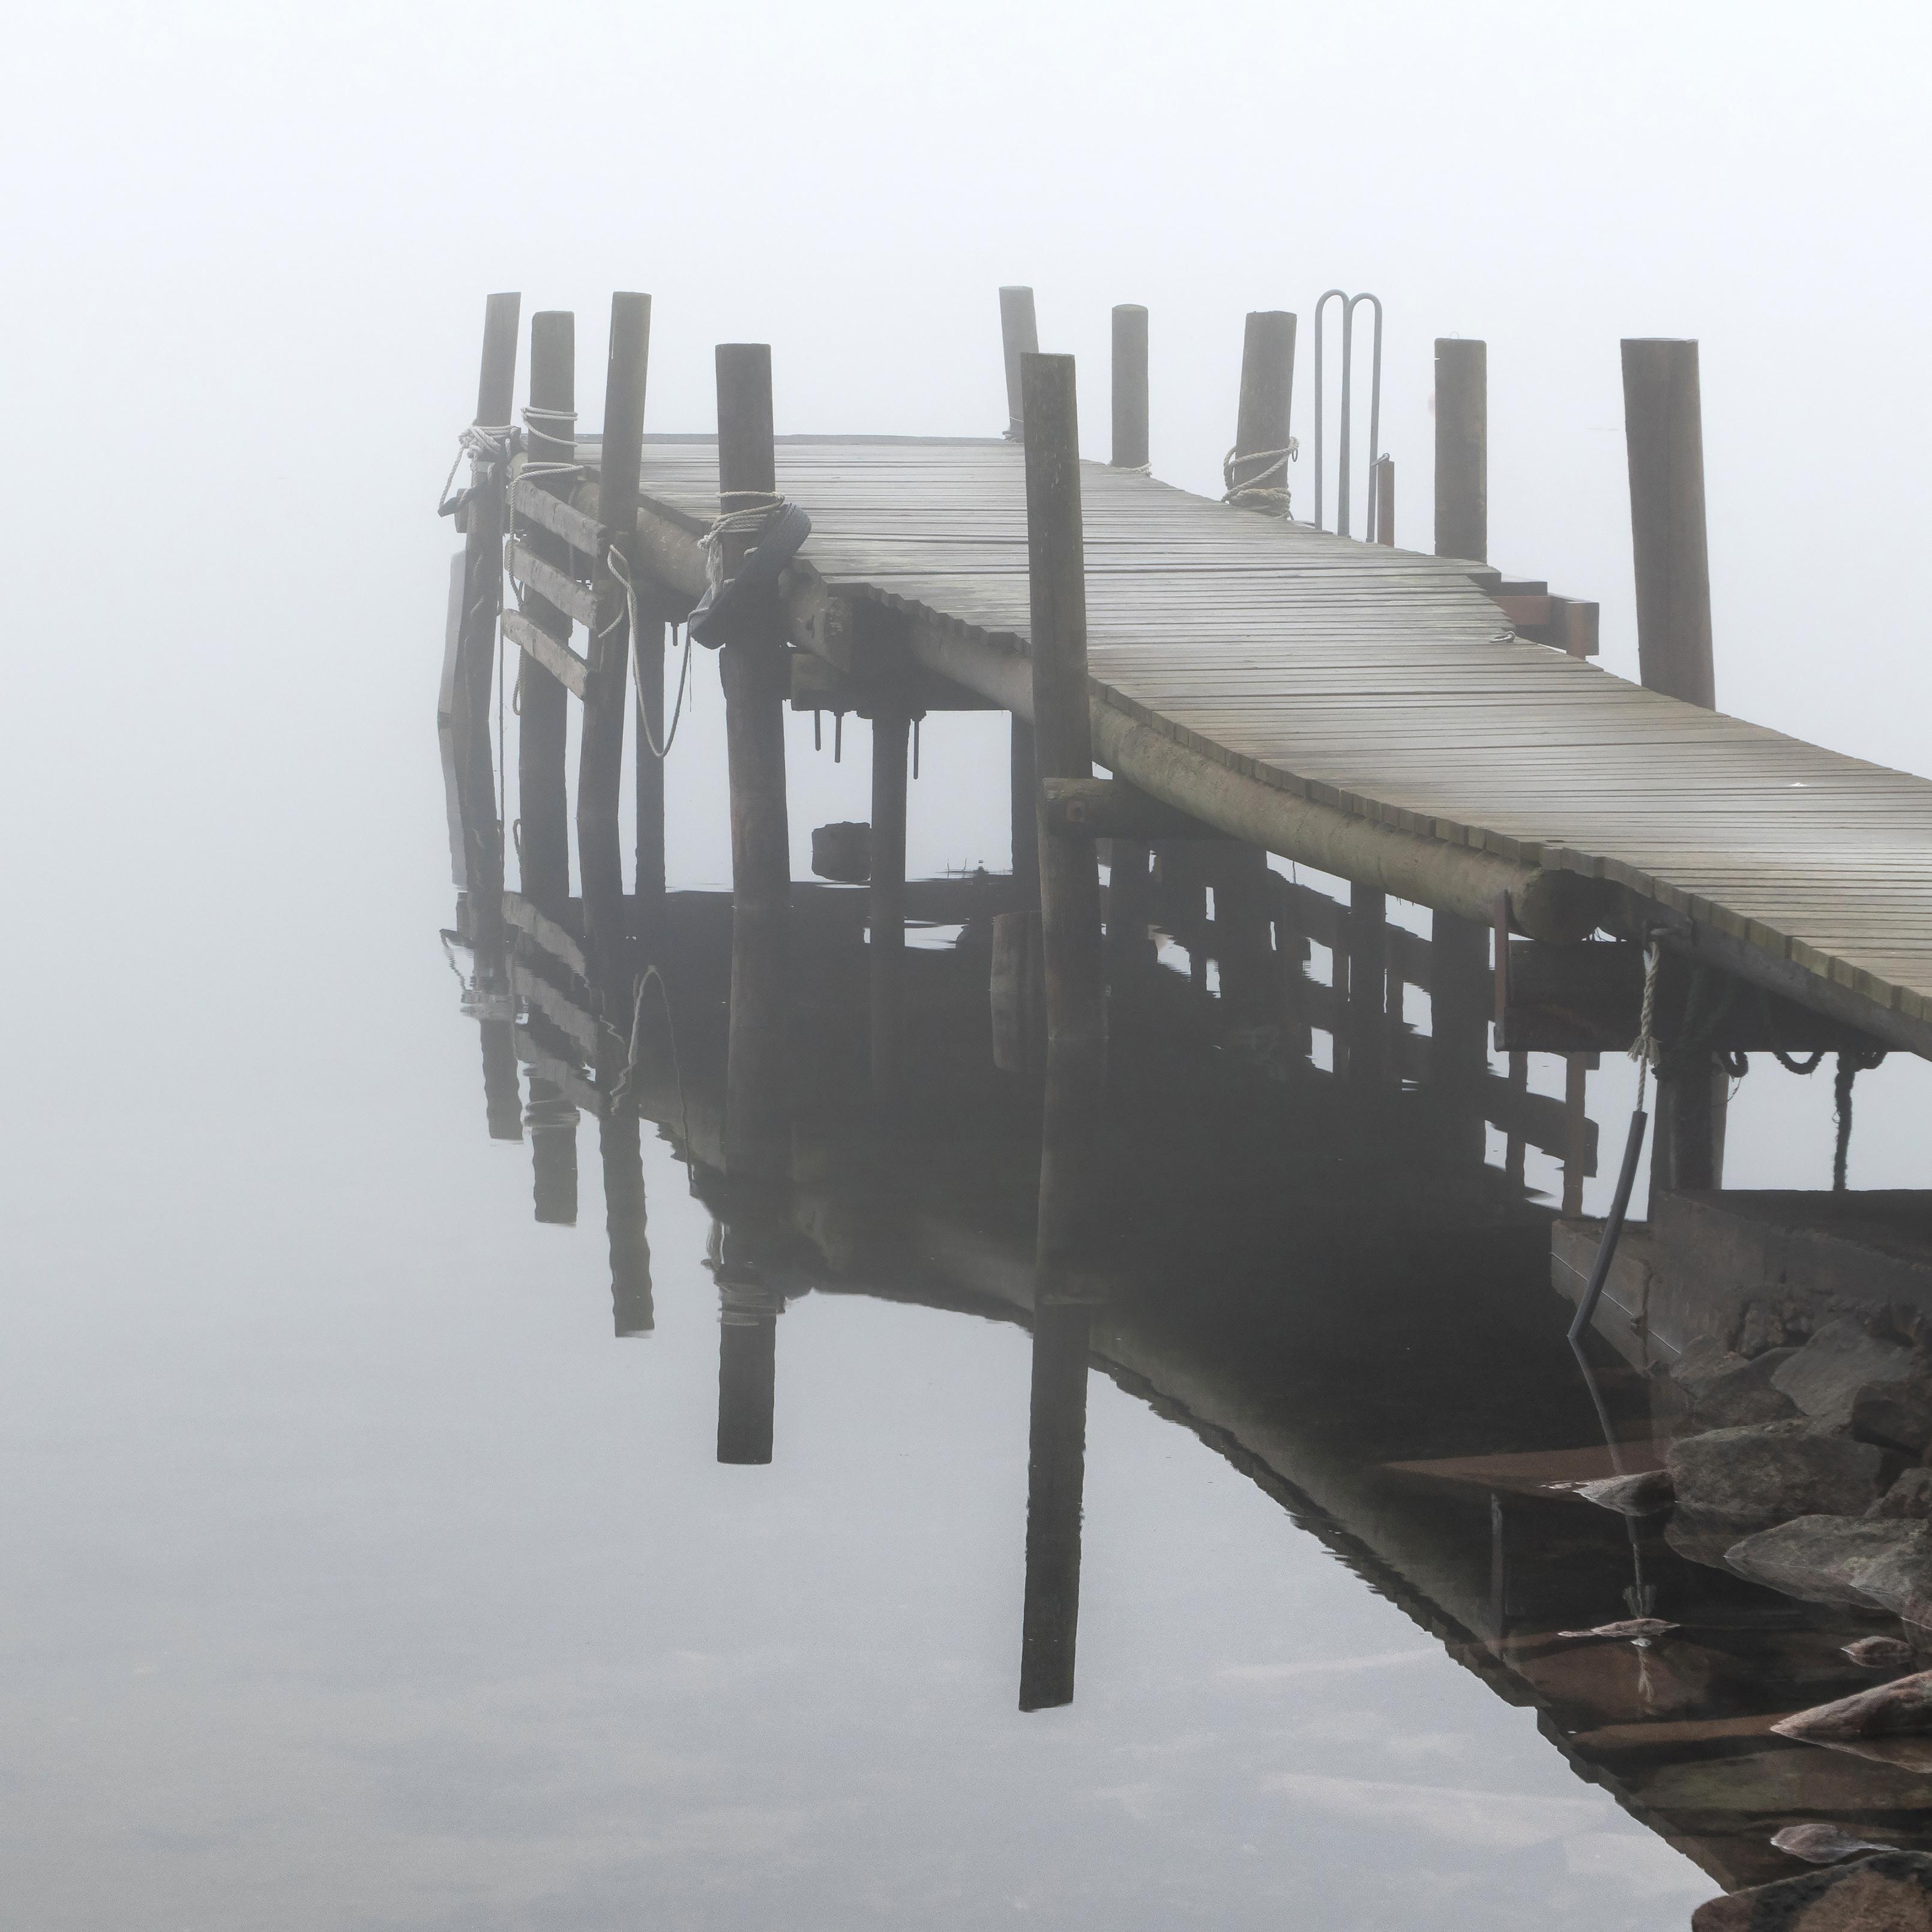 Jetty in fog at Holländaröd 4, Brofjorden, Fog, Holländaröd, Jetty, HQ Photo